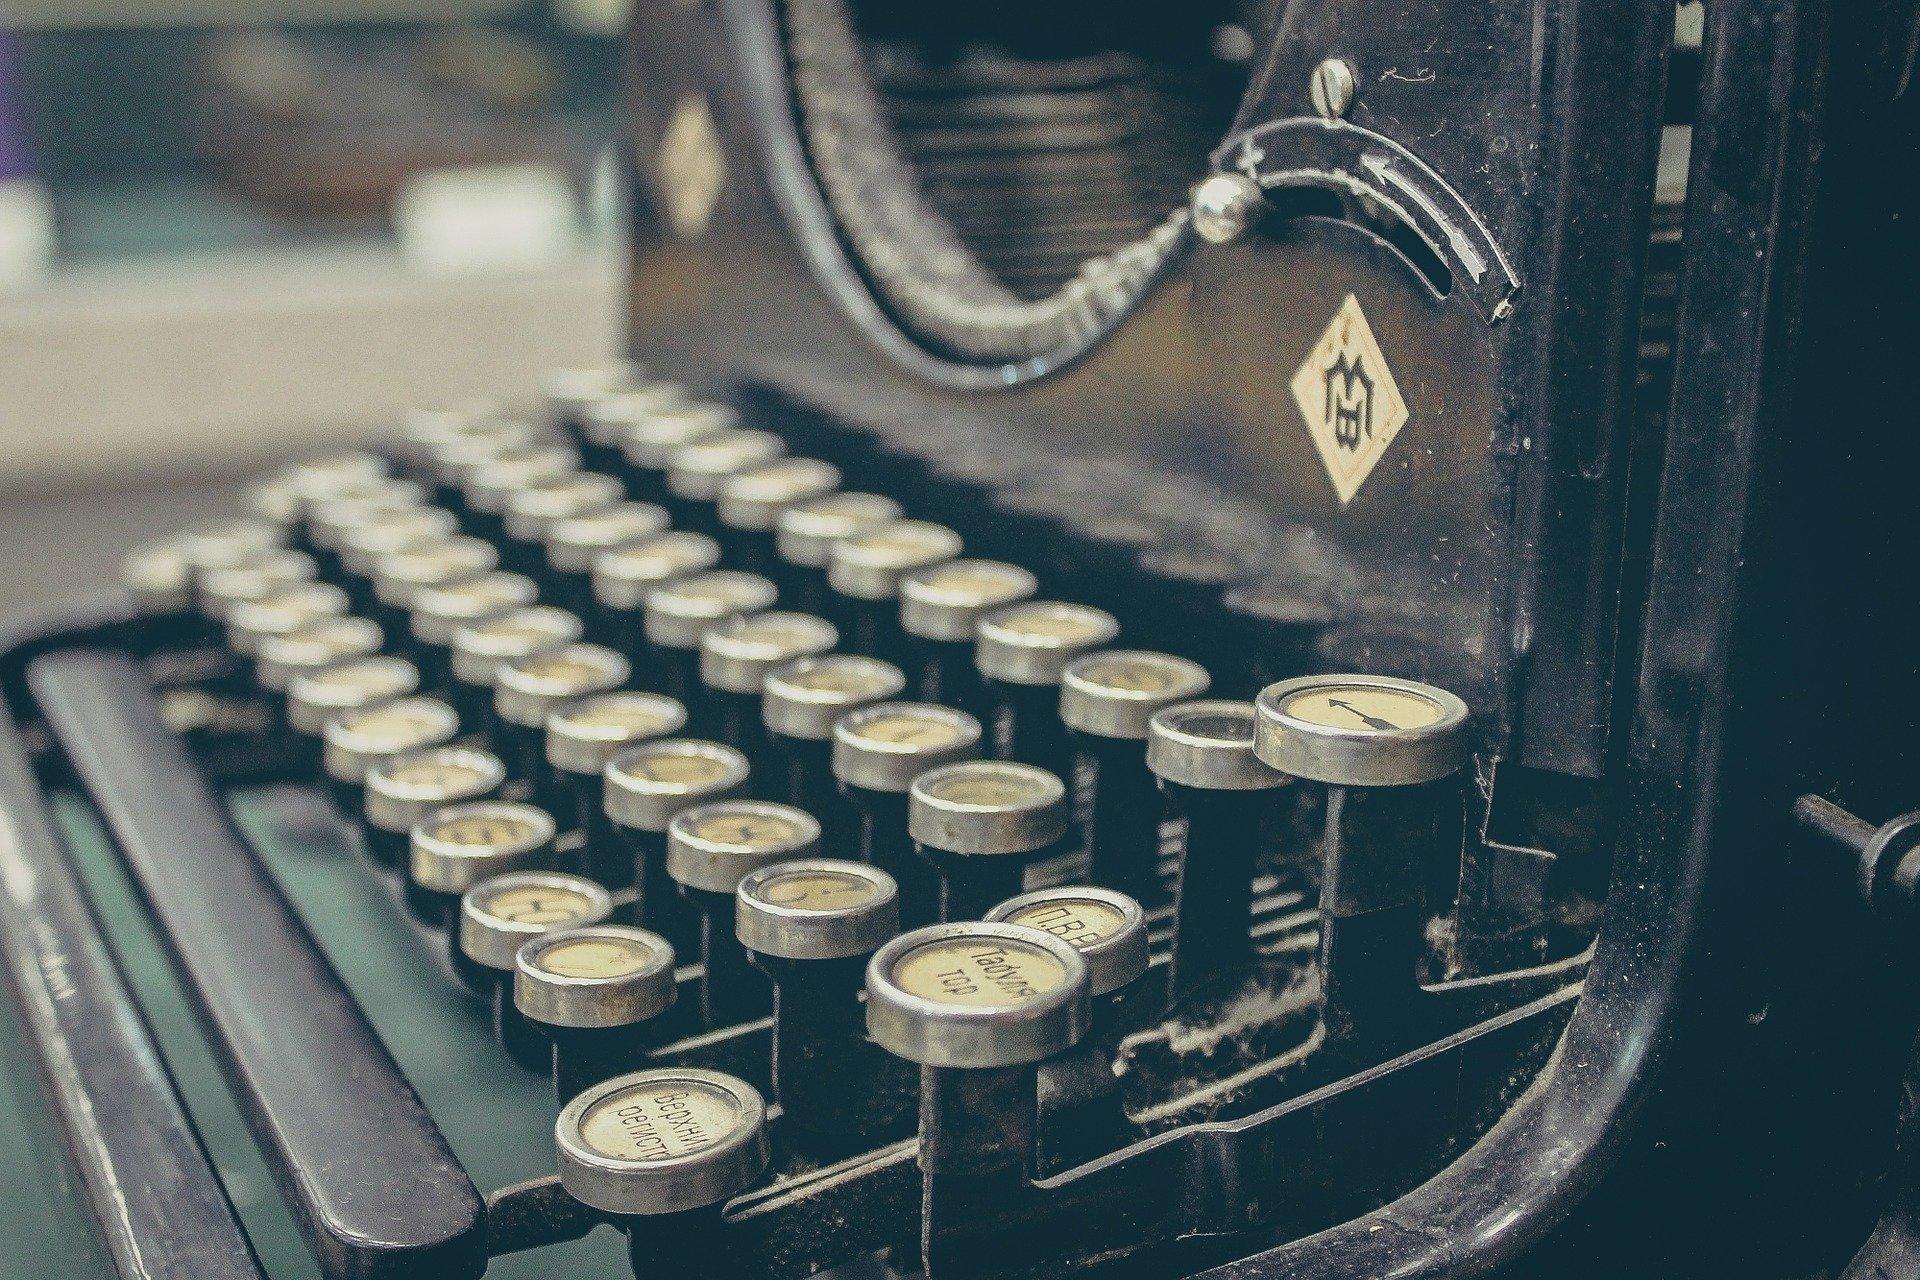 Pakkende titels en tussenkopjes schrijven